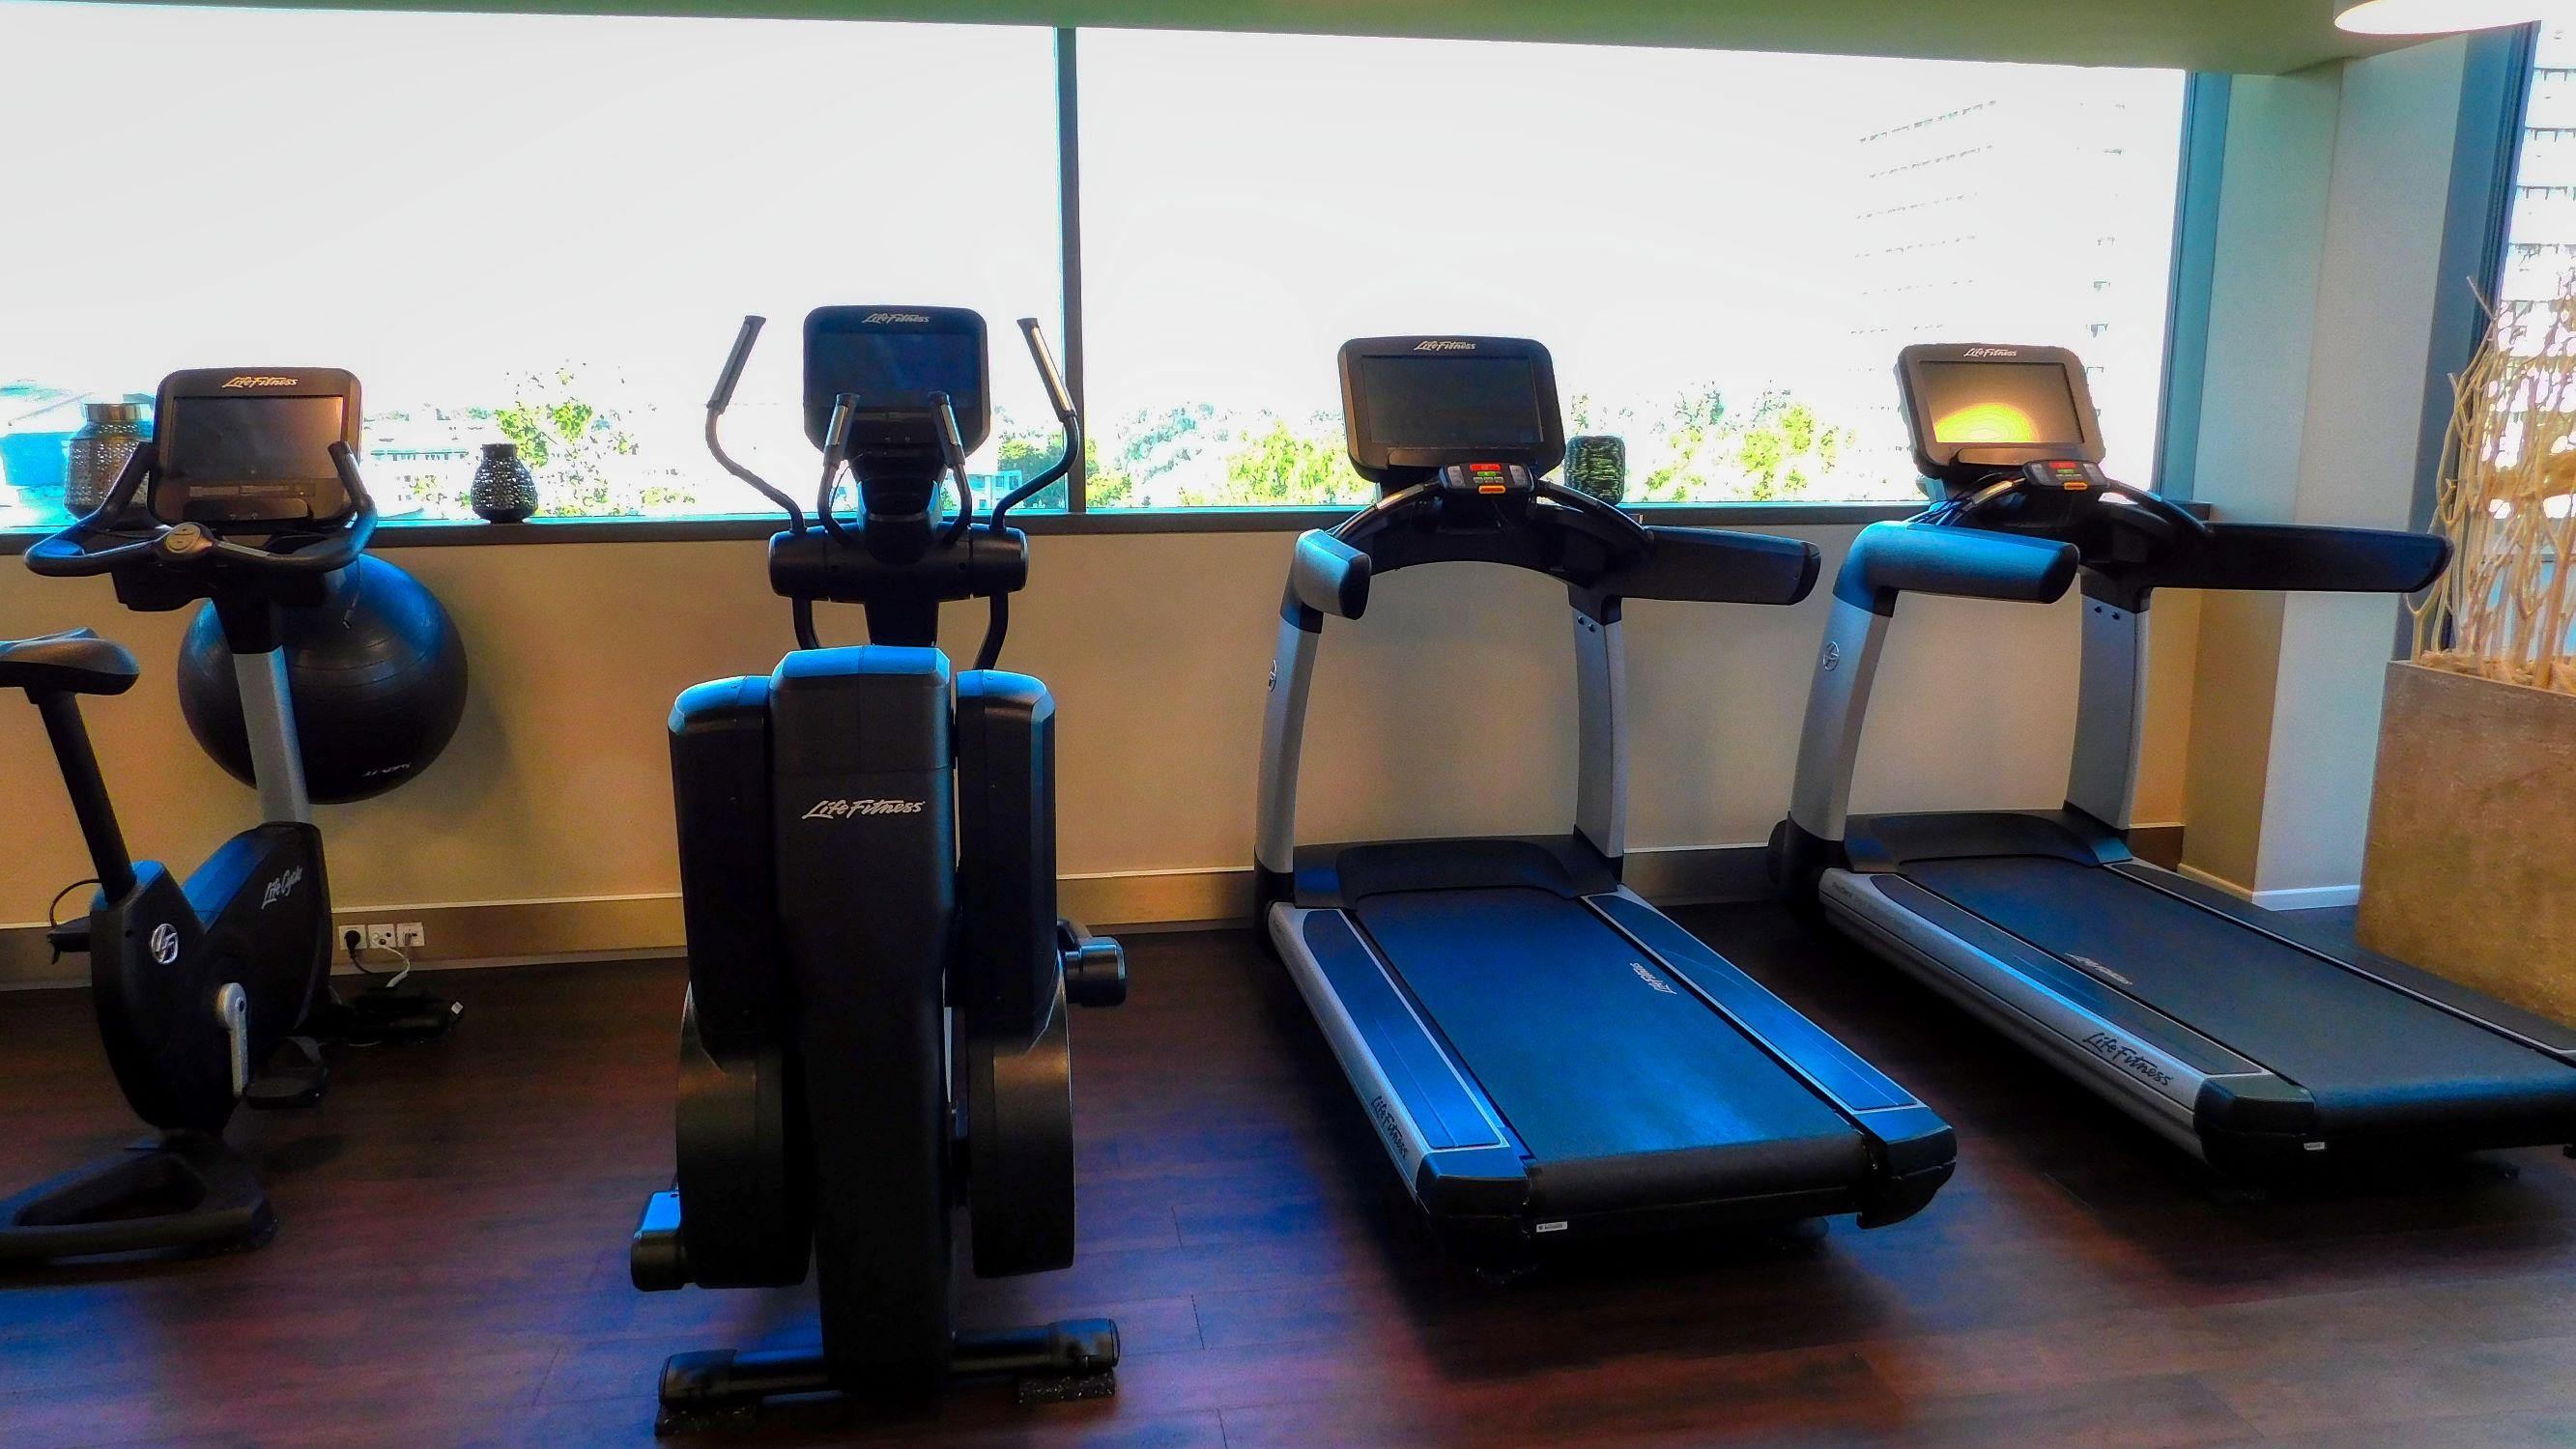 Hotel Chester Fitnessstudio